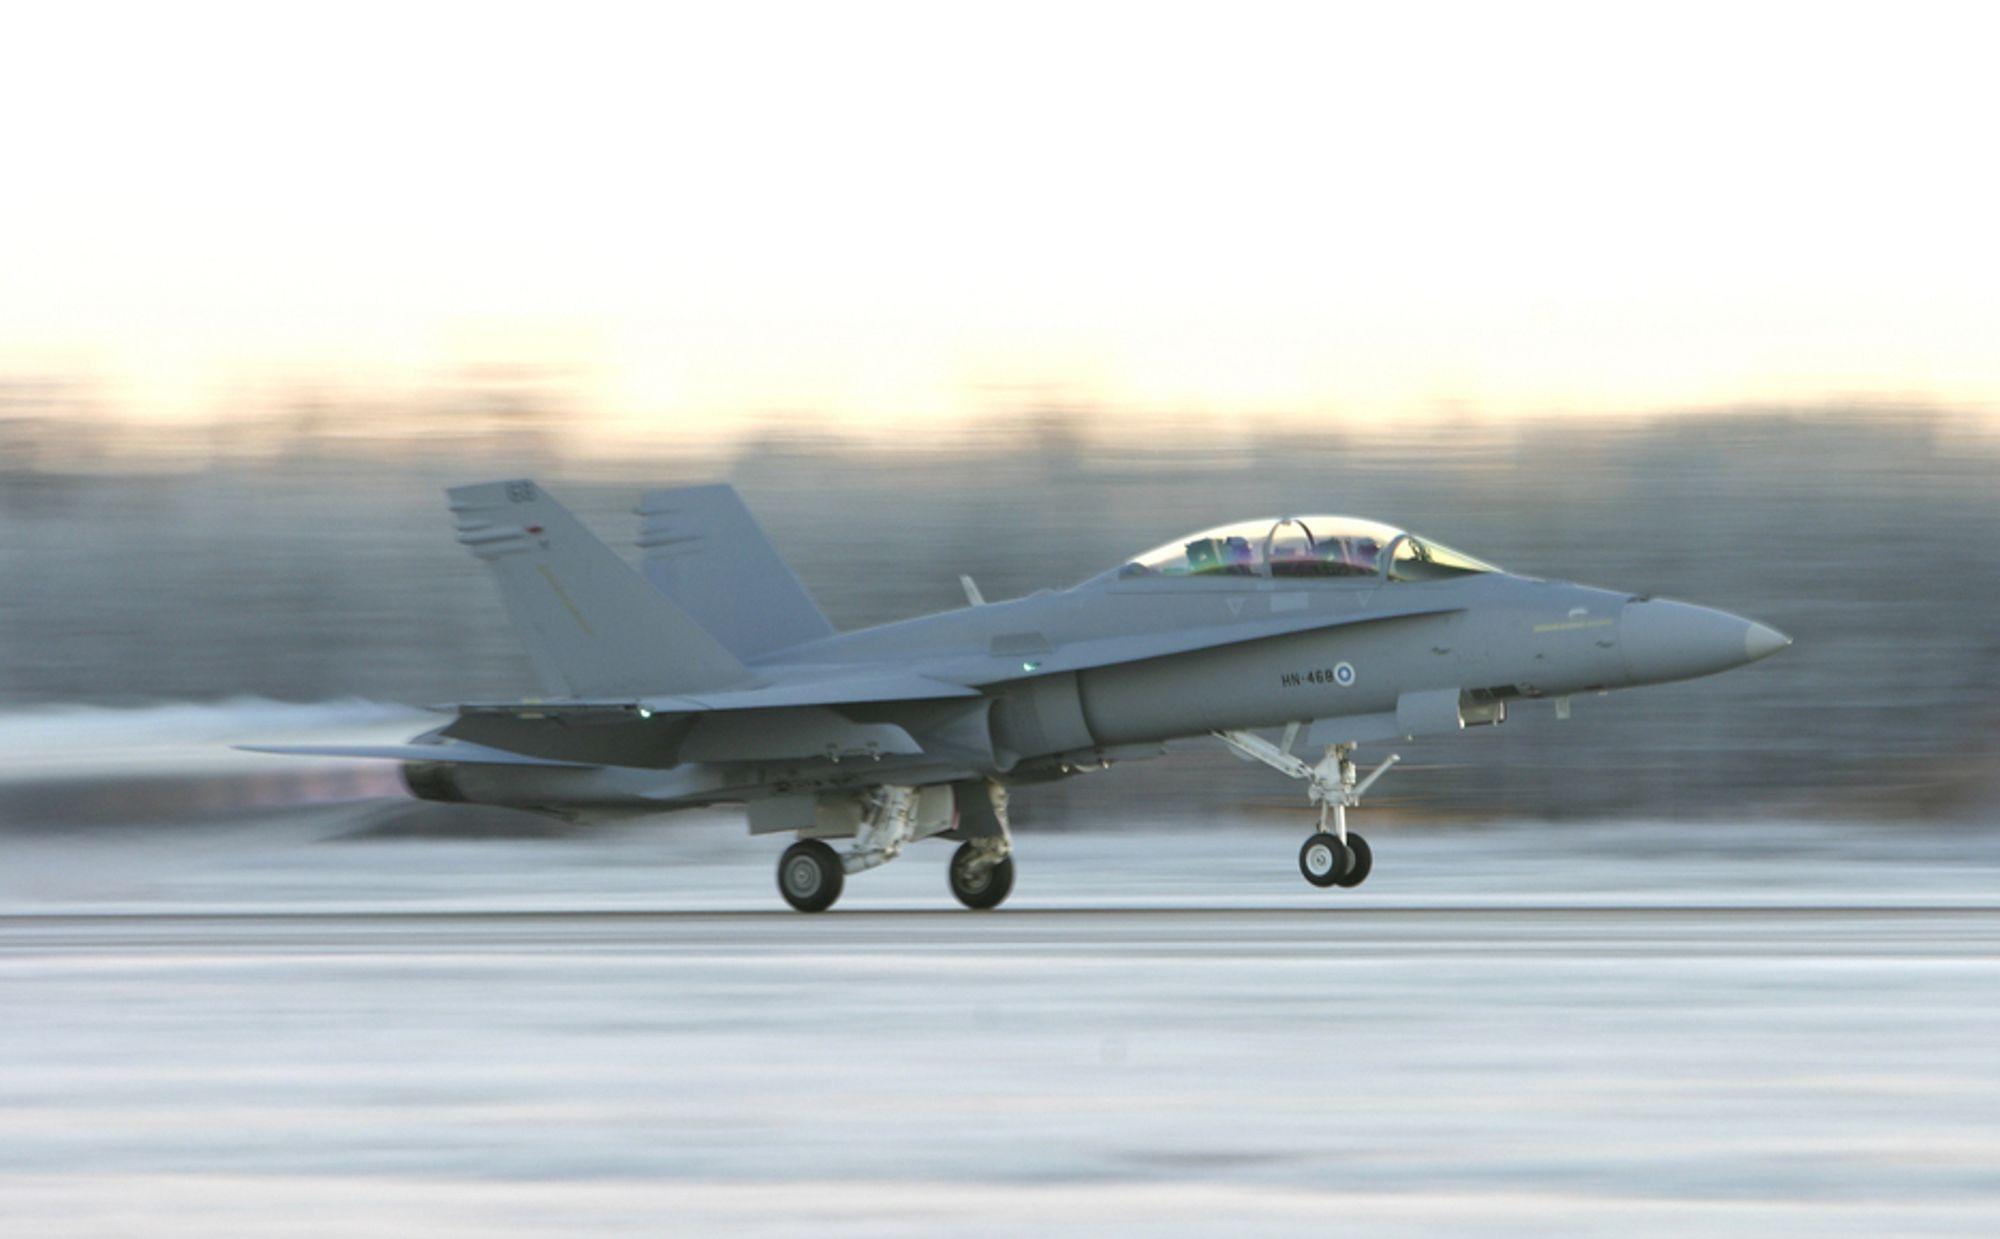 SMELTET VULKANSTØV: Finske jagerfly av typen F-18 Hornet fikk den tvilsomme æren av å bekrefte den vulkanske askeskyens skadepotensial.